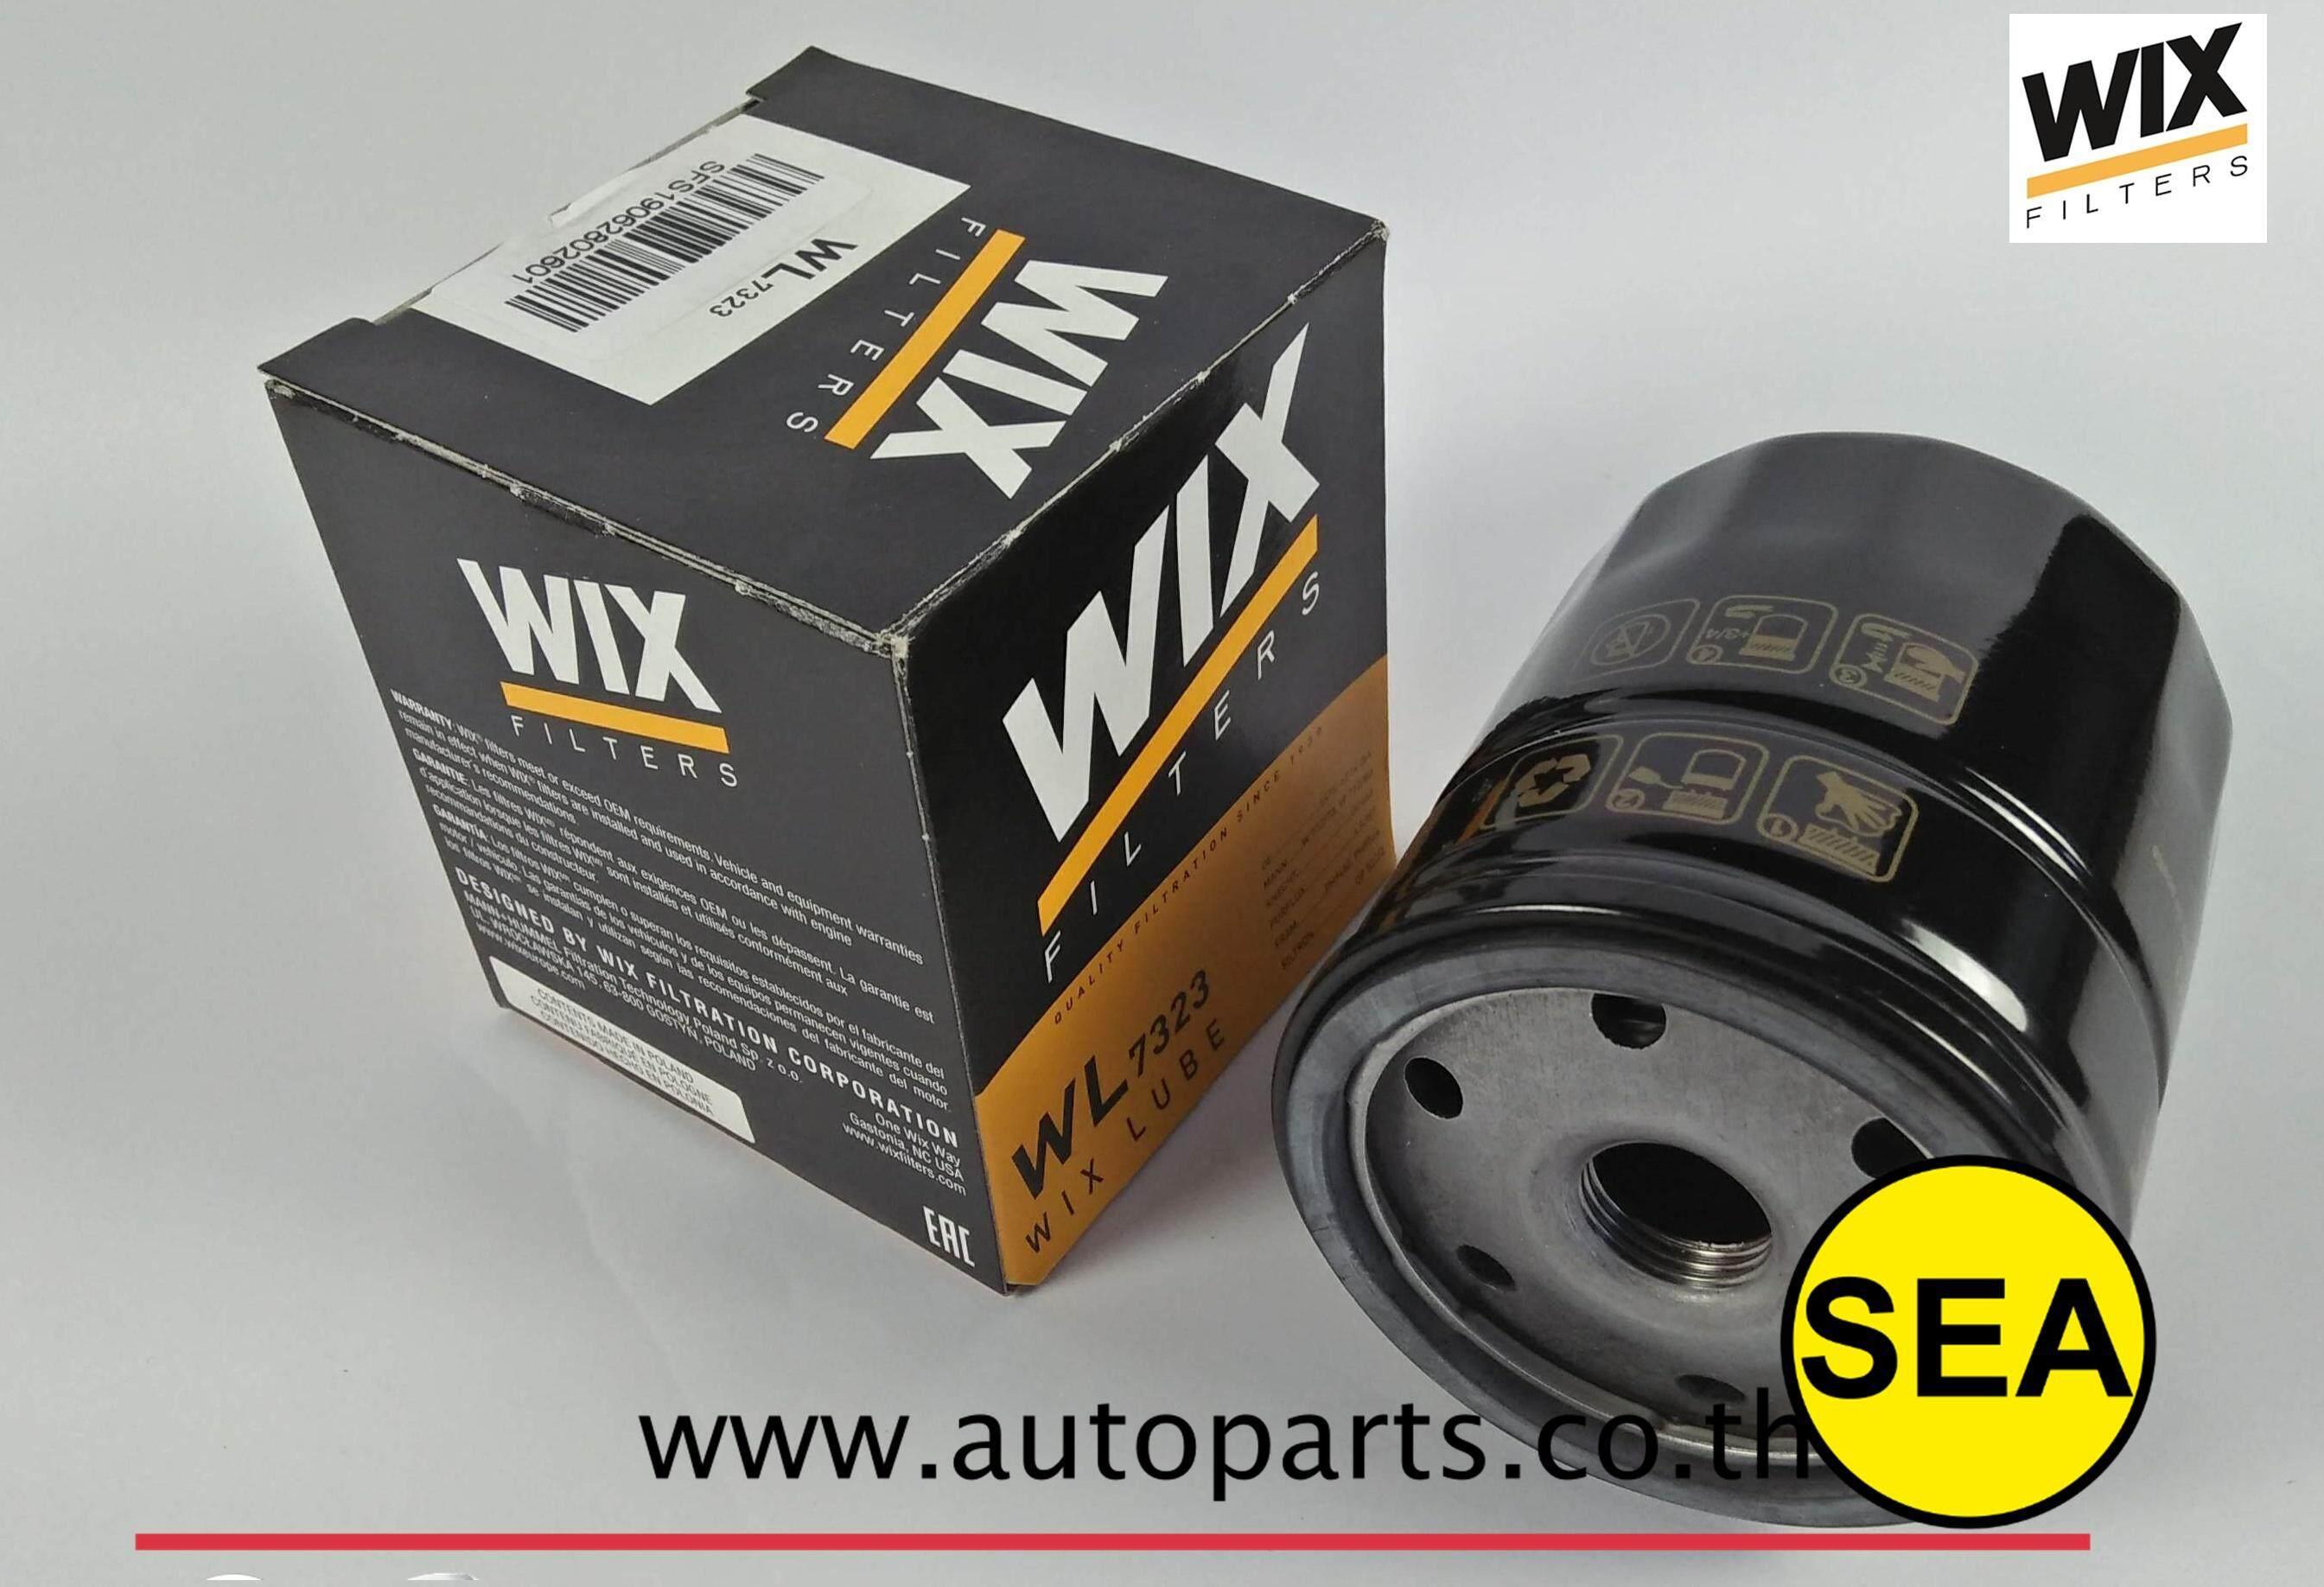 Wix Filter WL7323 Oil-Filter Element